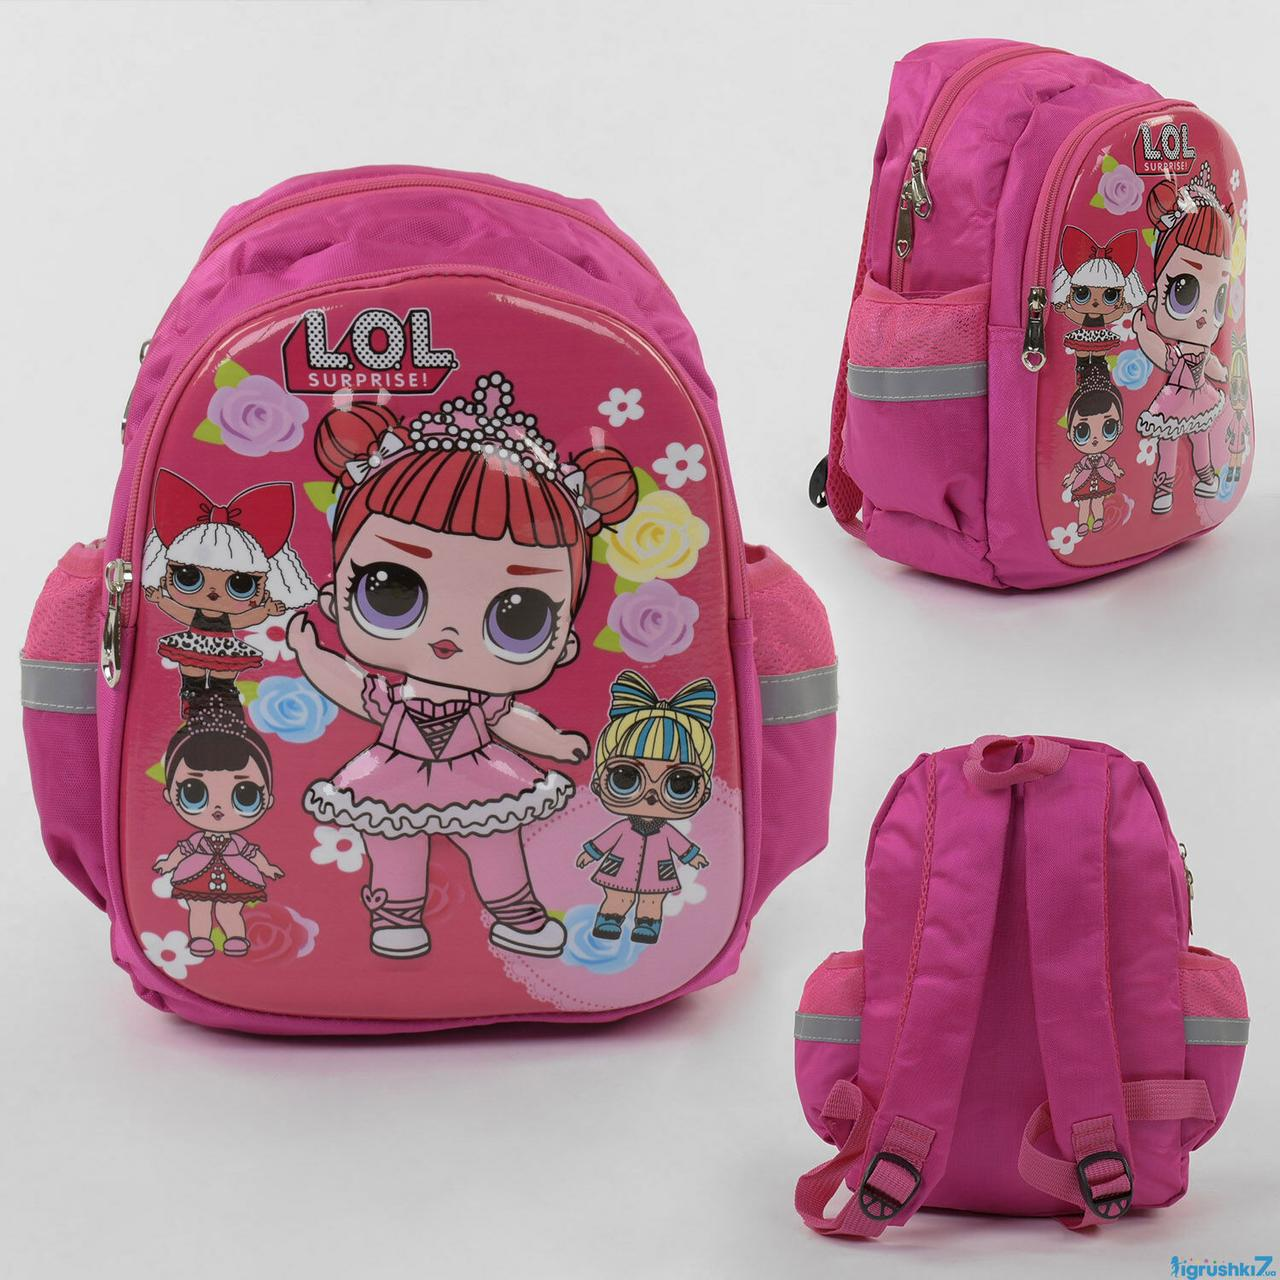 + Подарок Рюкзак школьный 1 отделение, 1 карман, мягкая спинка, 3D рисунок, в пакете